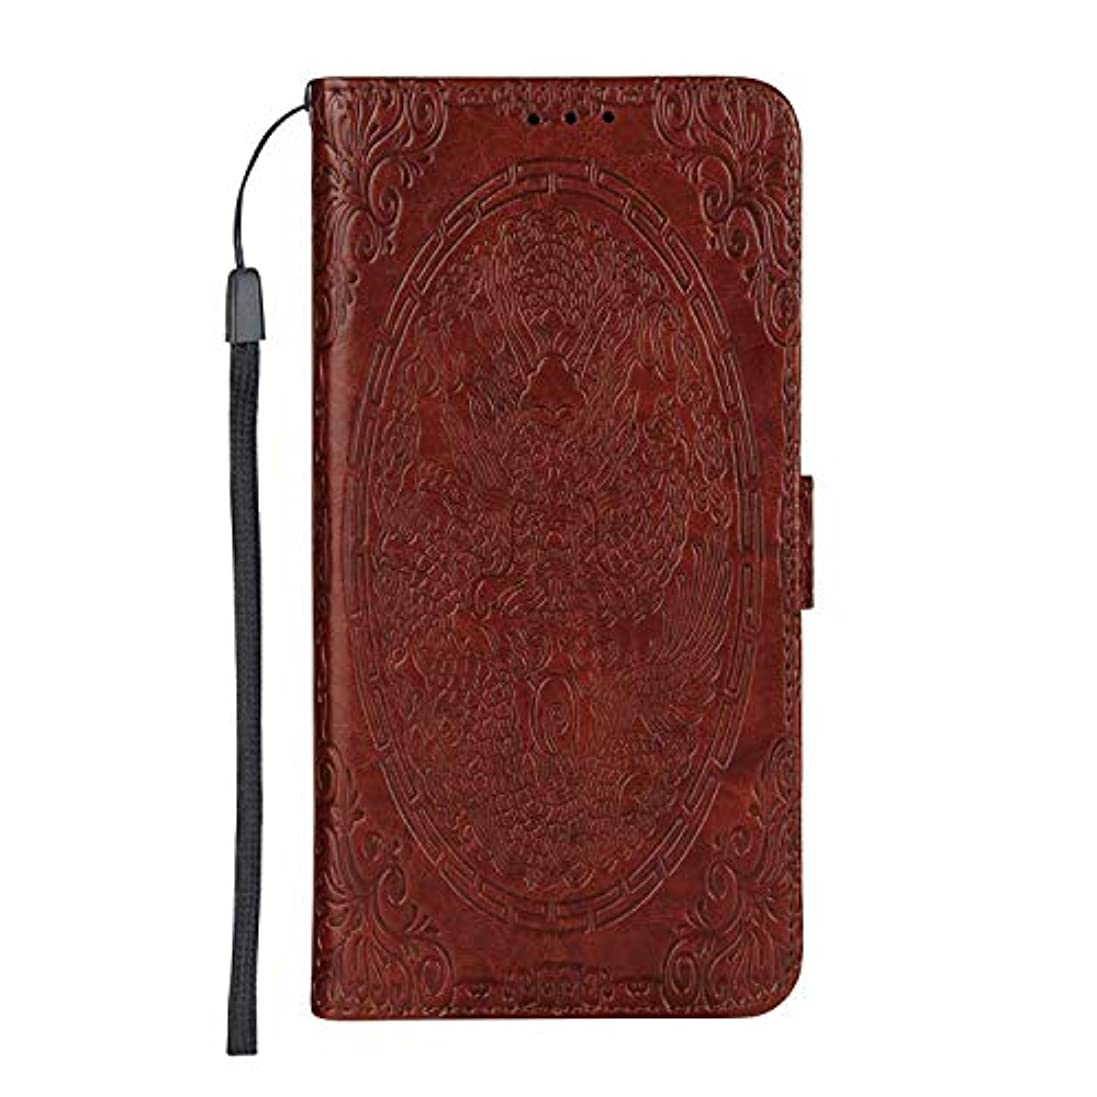 不利アメリカ動作CUSKING iPhone 6 Plus / 6s Plus ケース手帳型 [ドラゴン柄] 多機能 手帳ケース カード収納 スタンド 機能 人気 全面保護カバー アイフォン ケース –赤茶色